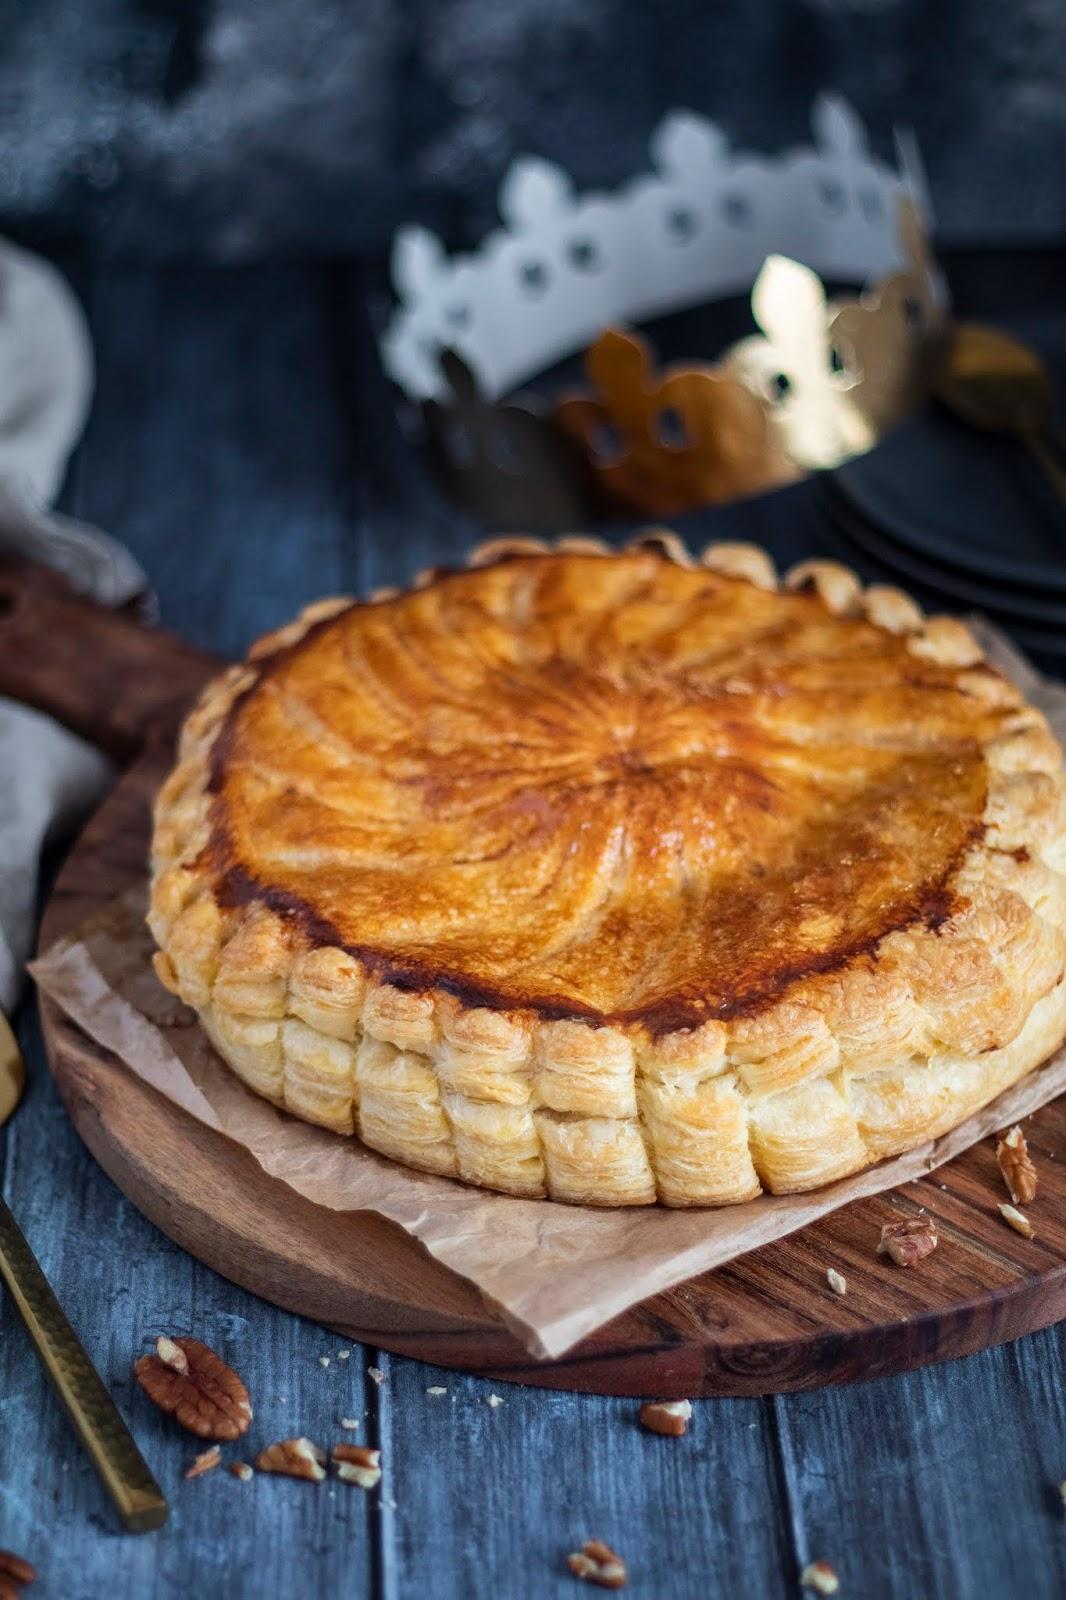 Recette de galette des rois au sirop d'érable et aux noix de pécan